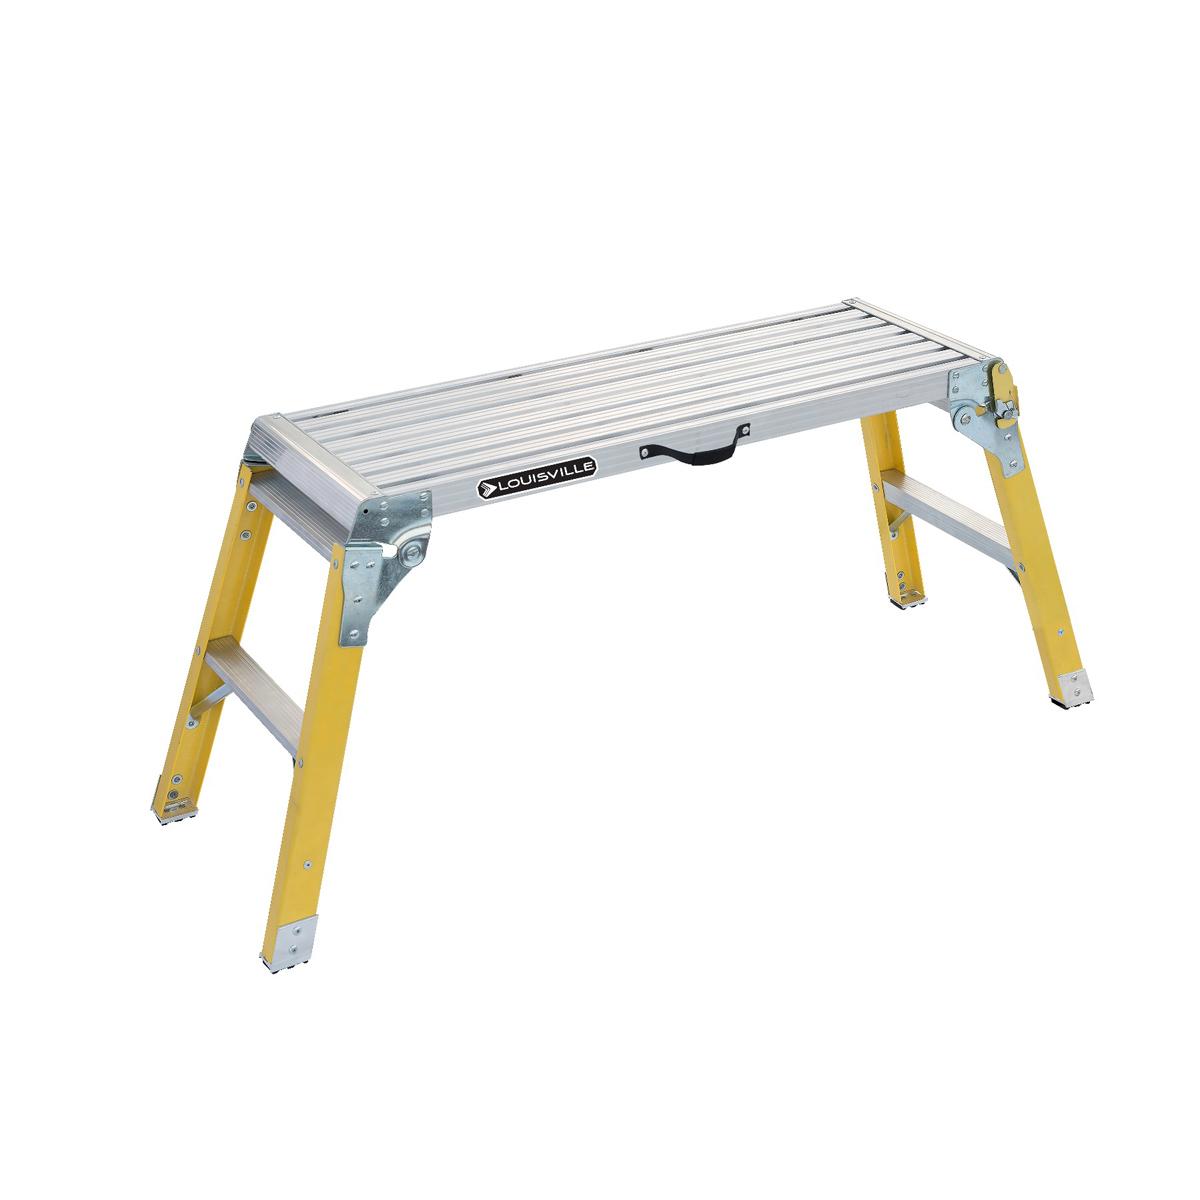 Louisville Ladder(ルイビルラダー) ファイバー モバイルプラットフォーム 耐荷重135kg 足場台ステップ